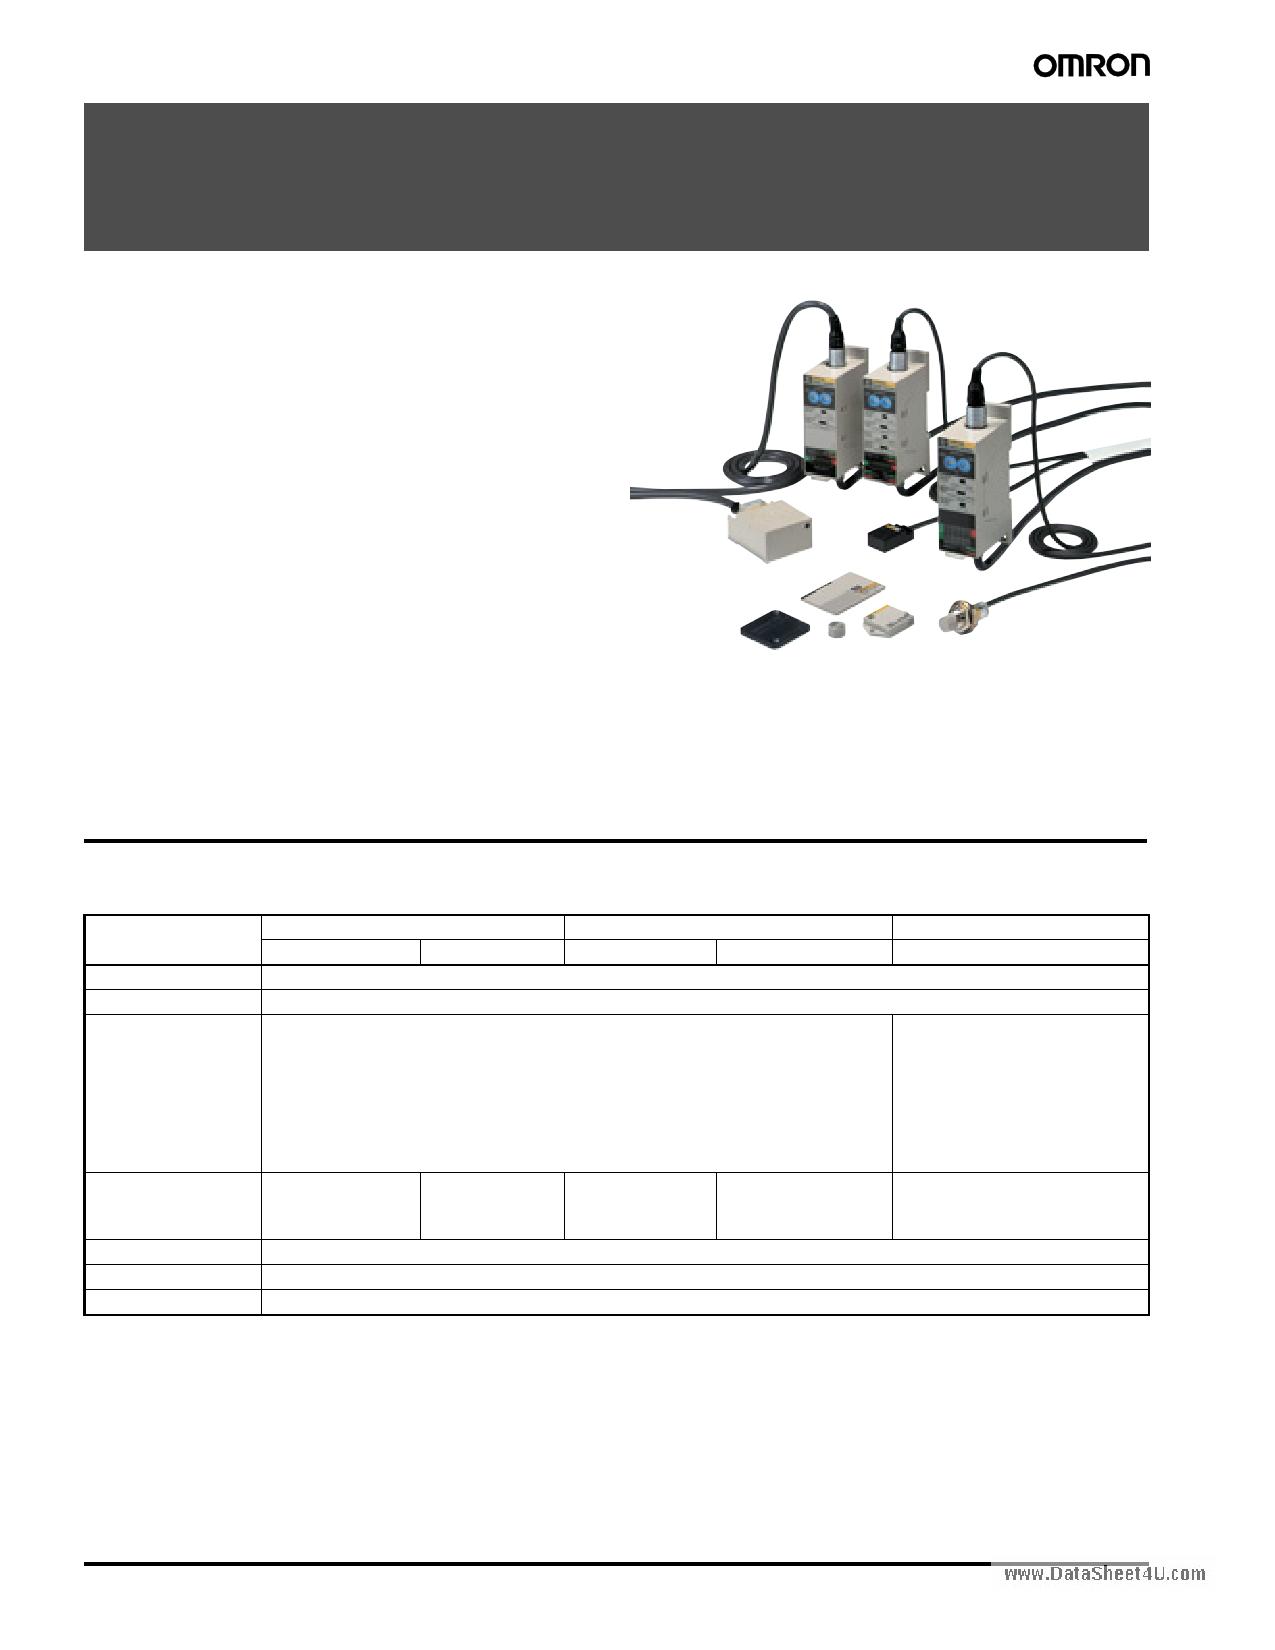 V600-HA datasheet